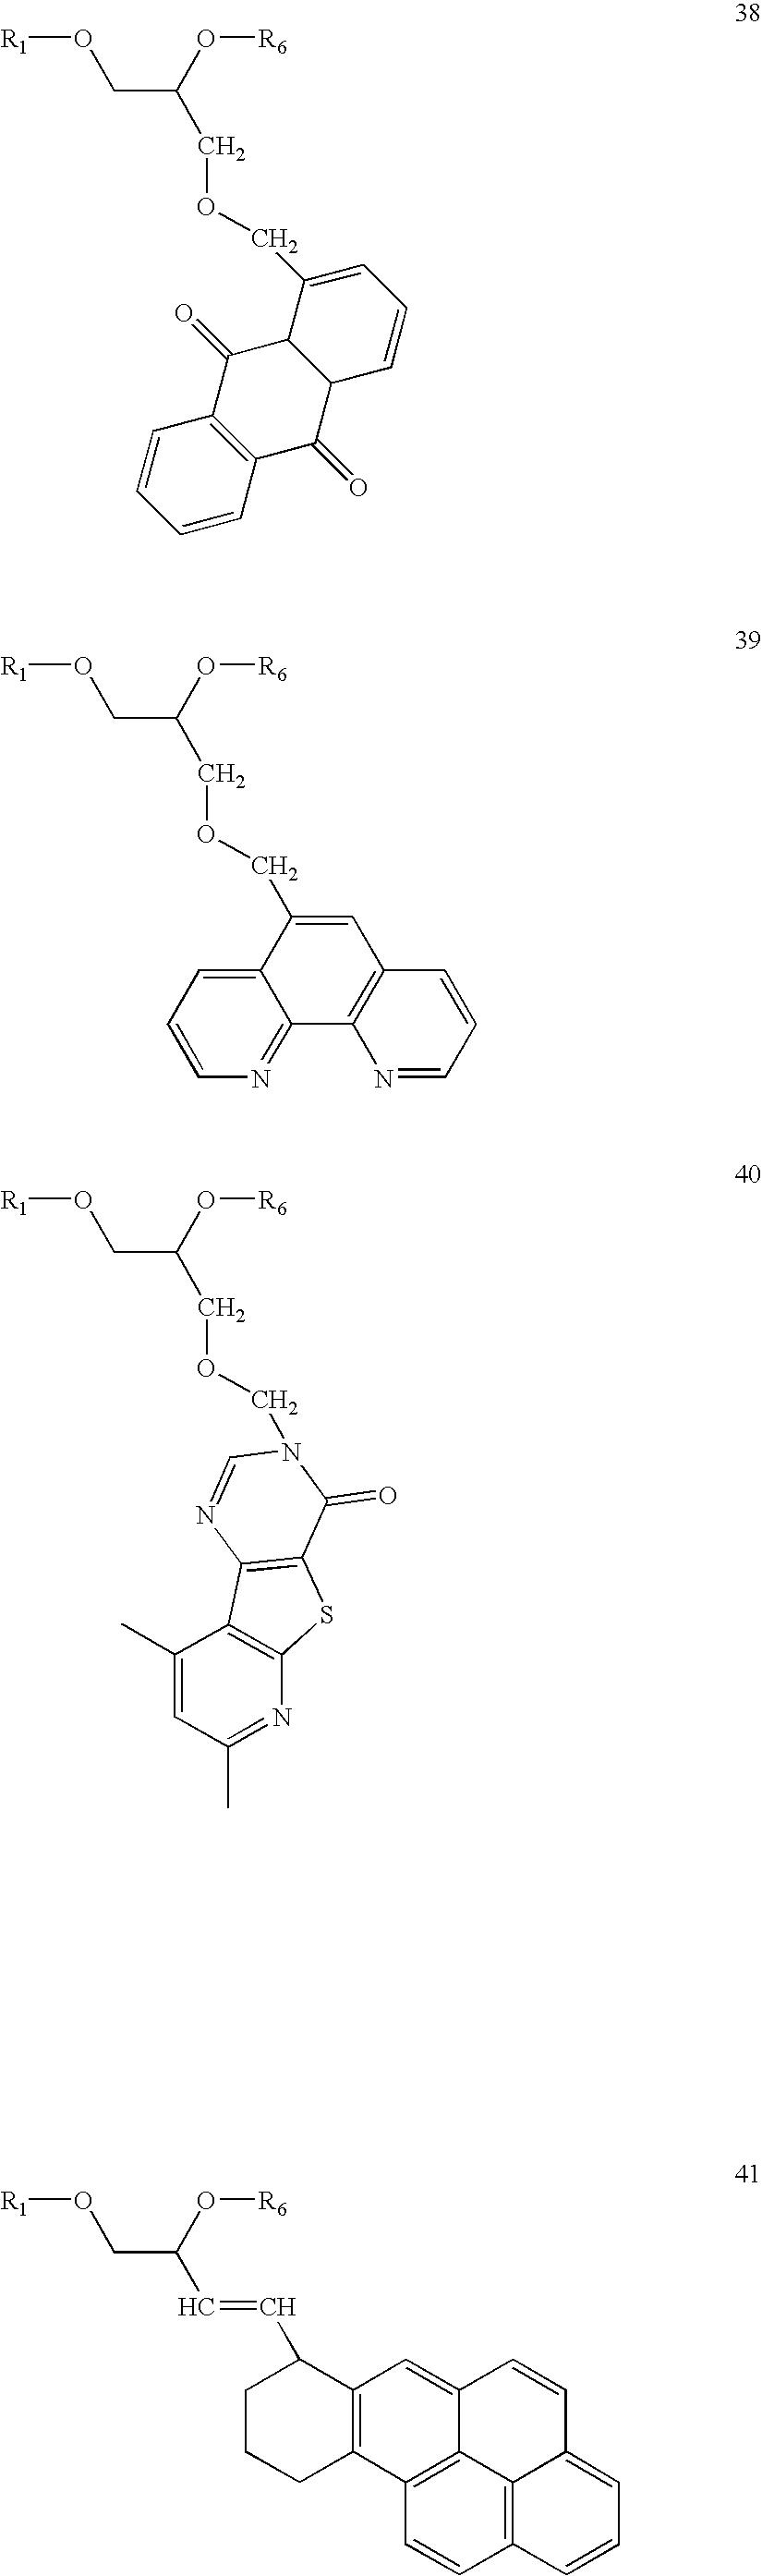 Figure US20060014144A1-20060119-C00095